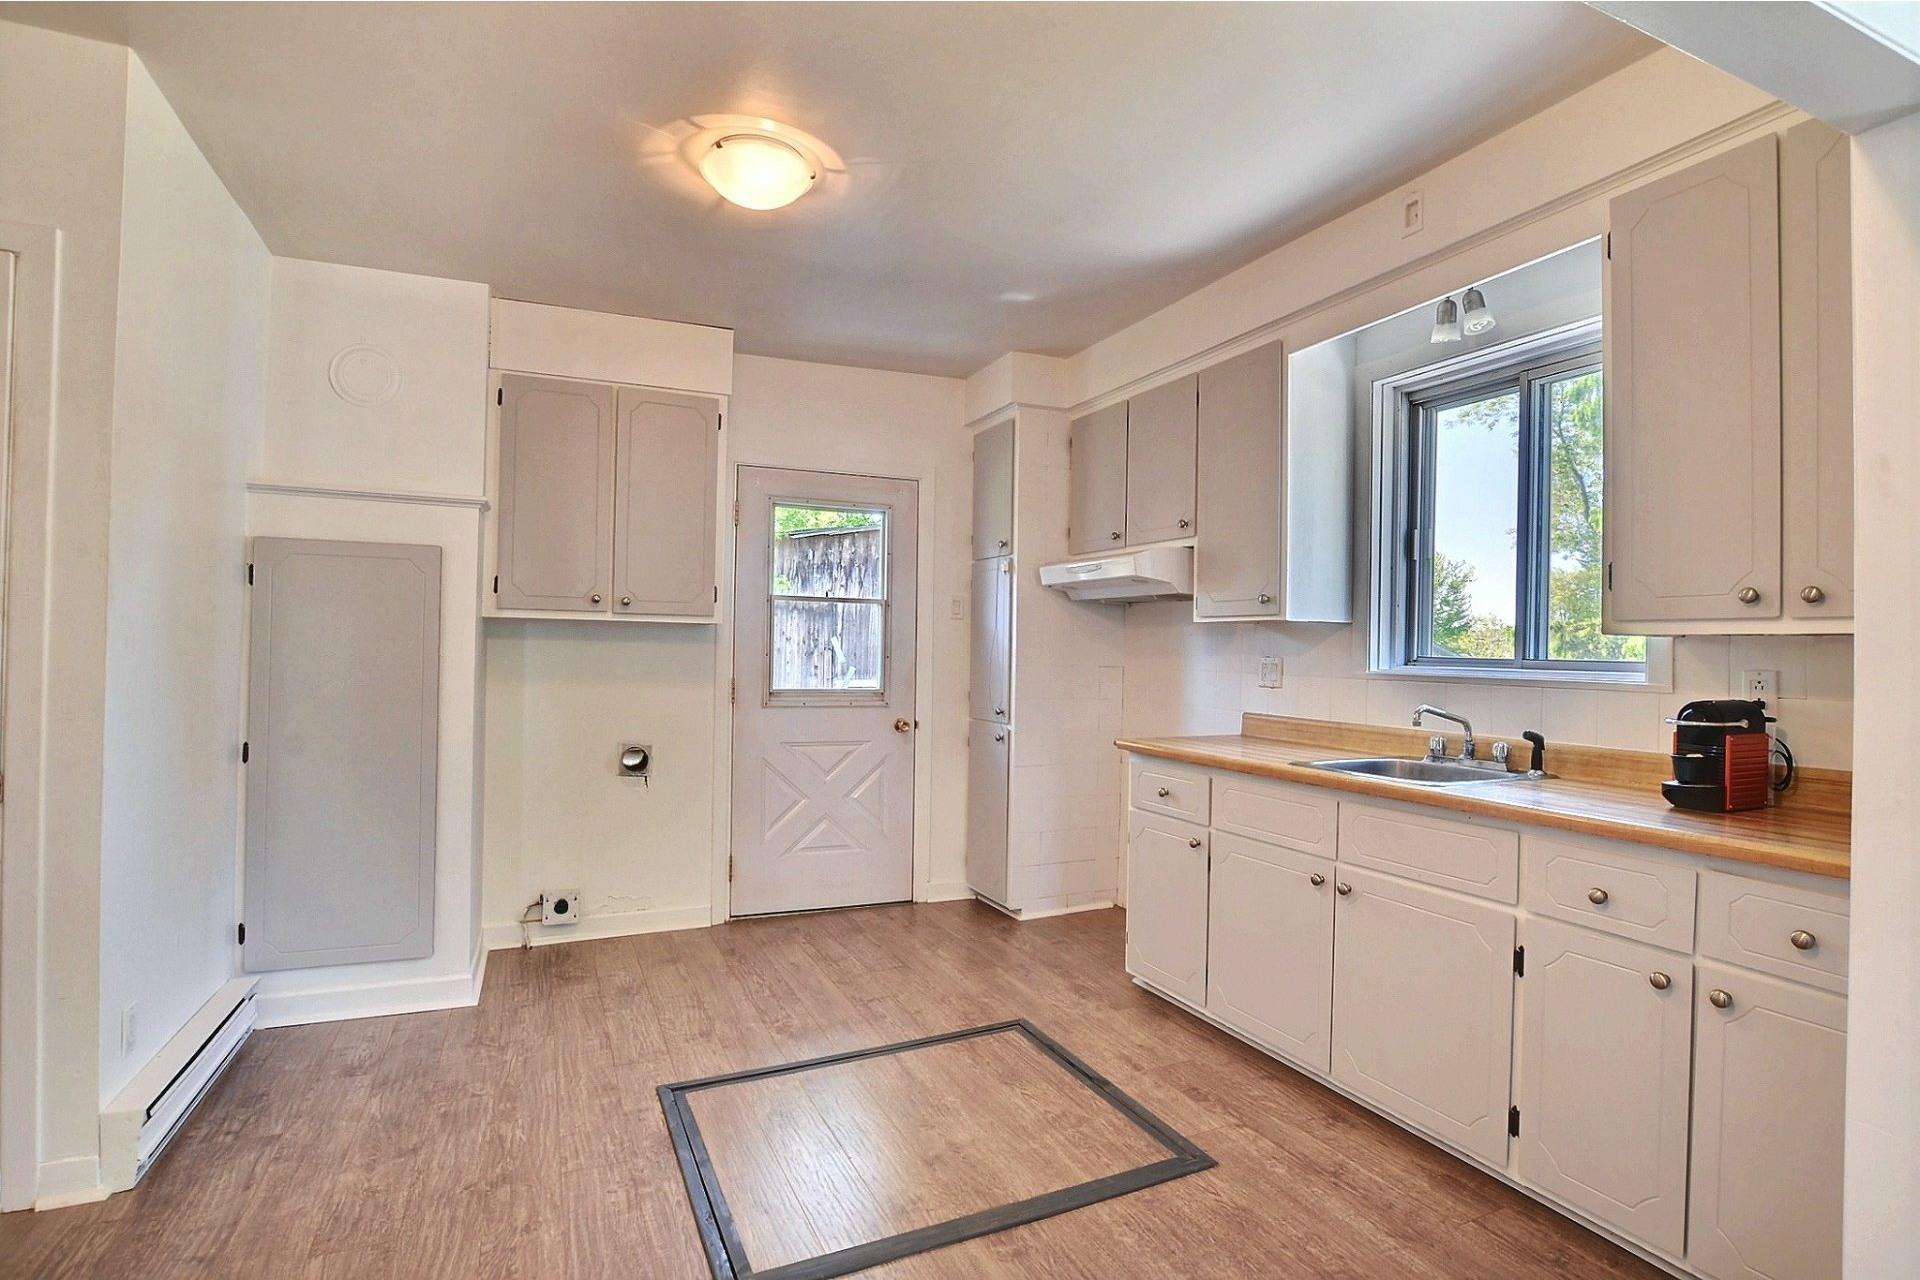 image 4 - Duplex For sale Sainte-Anne-des-Plaines - 4 rooms